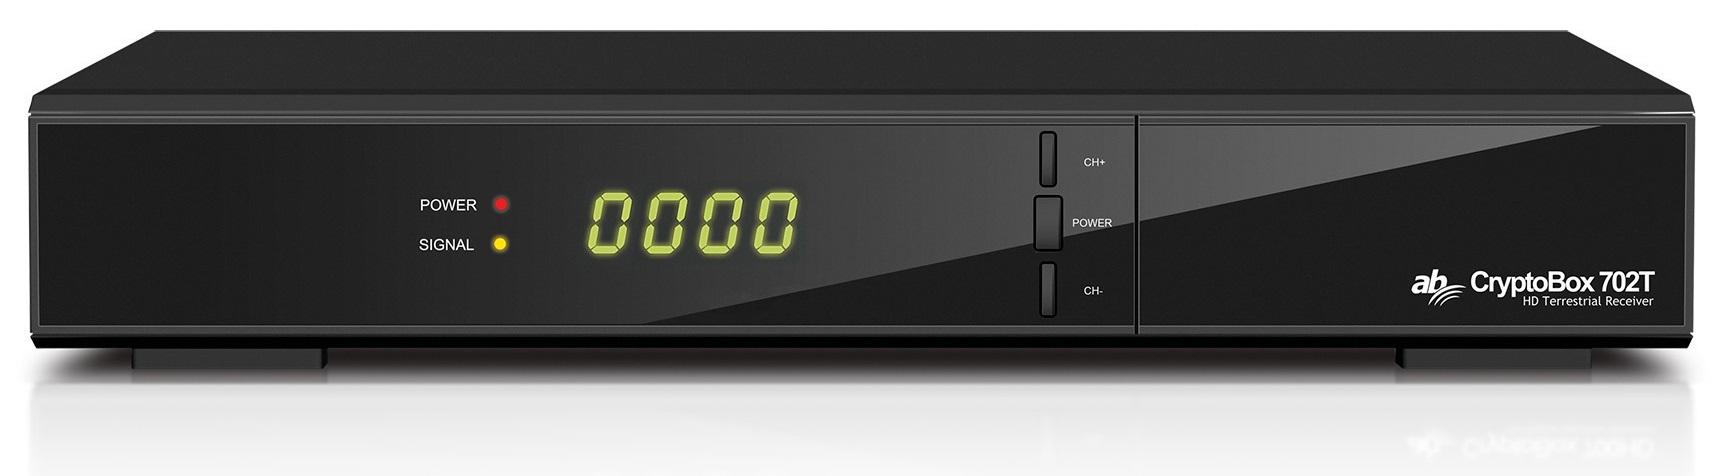 Receptor Cabo+TDT (DVB-T/DVB-T2/DVB-C) Full HD 1080p - CRYPTOBOX 702T